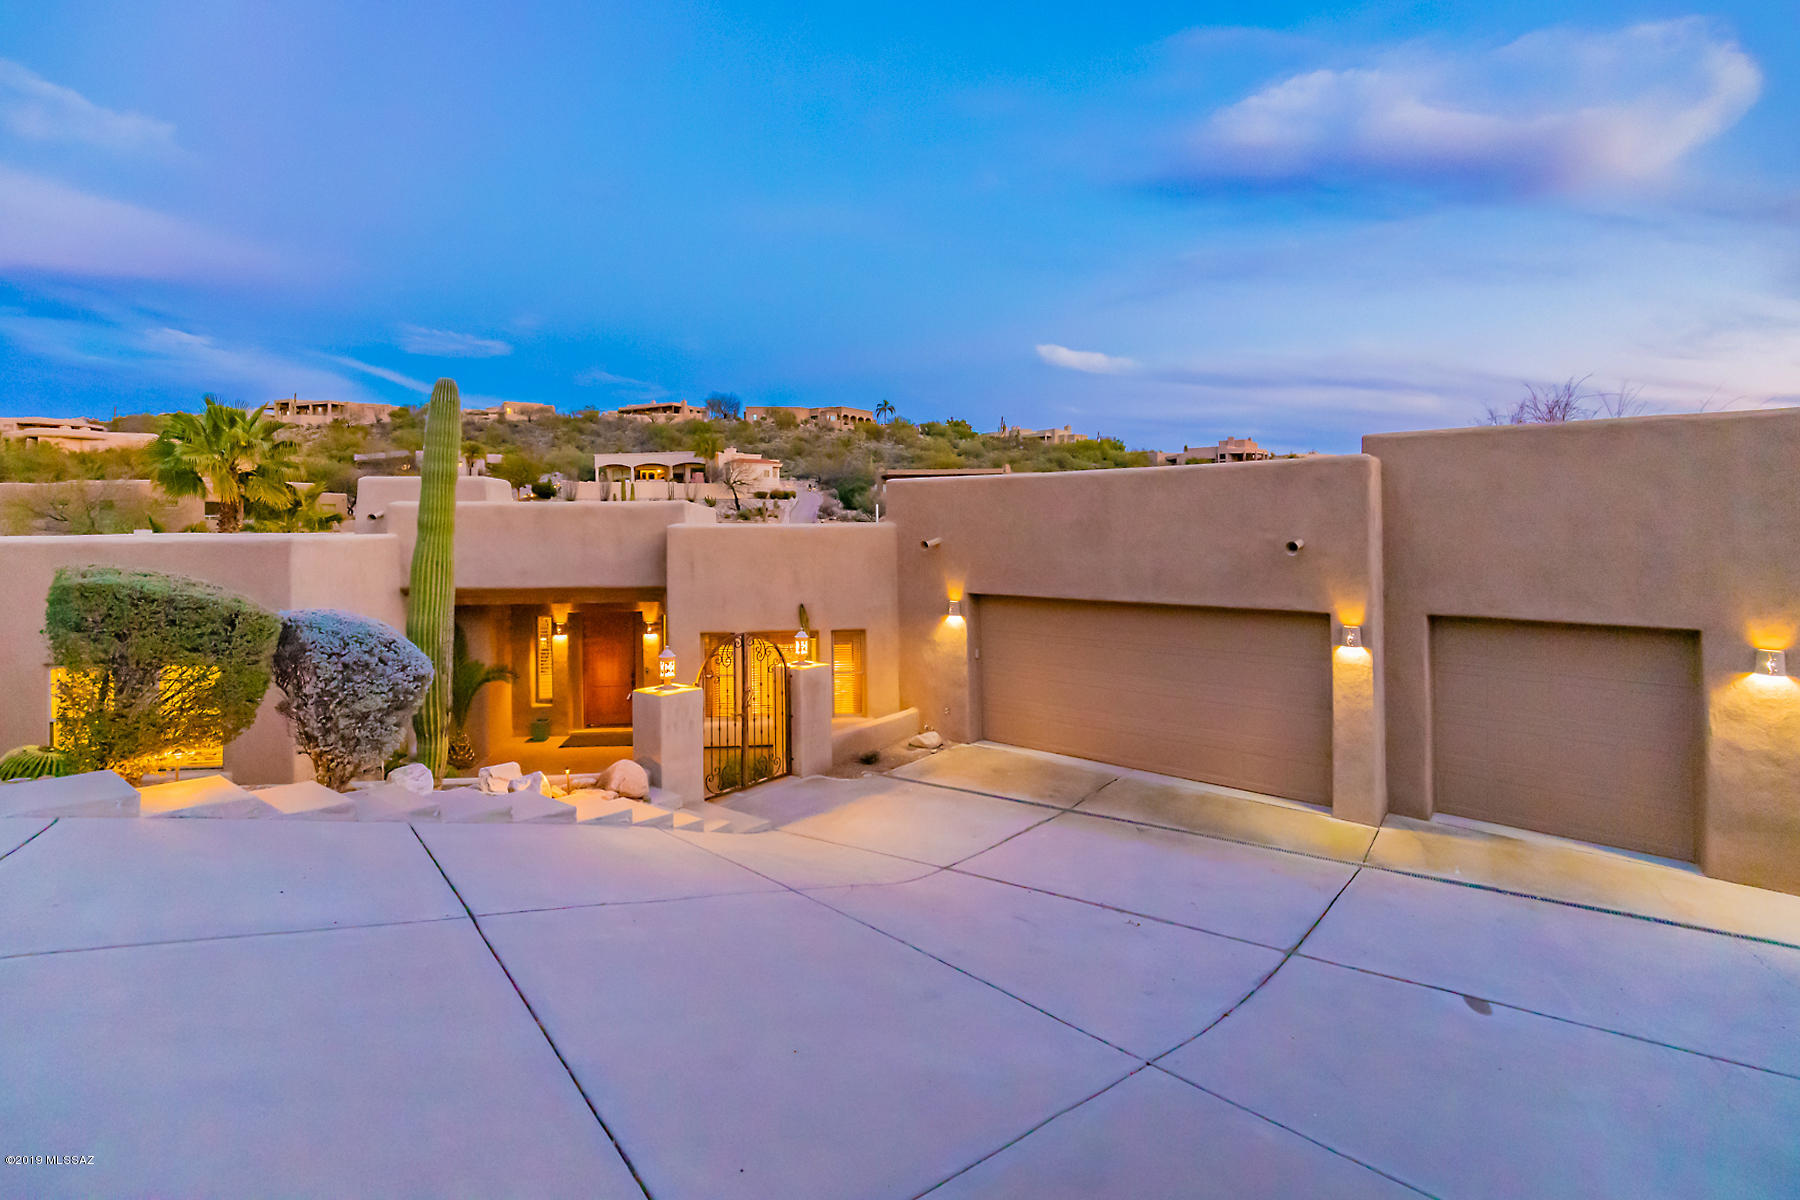 Photo of 6340 N Placita Alta Reposa, Tucson, AZ 85750